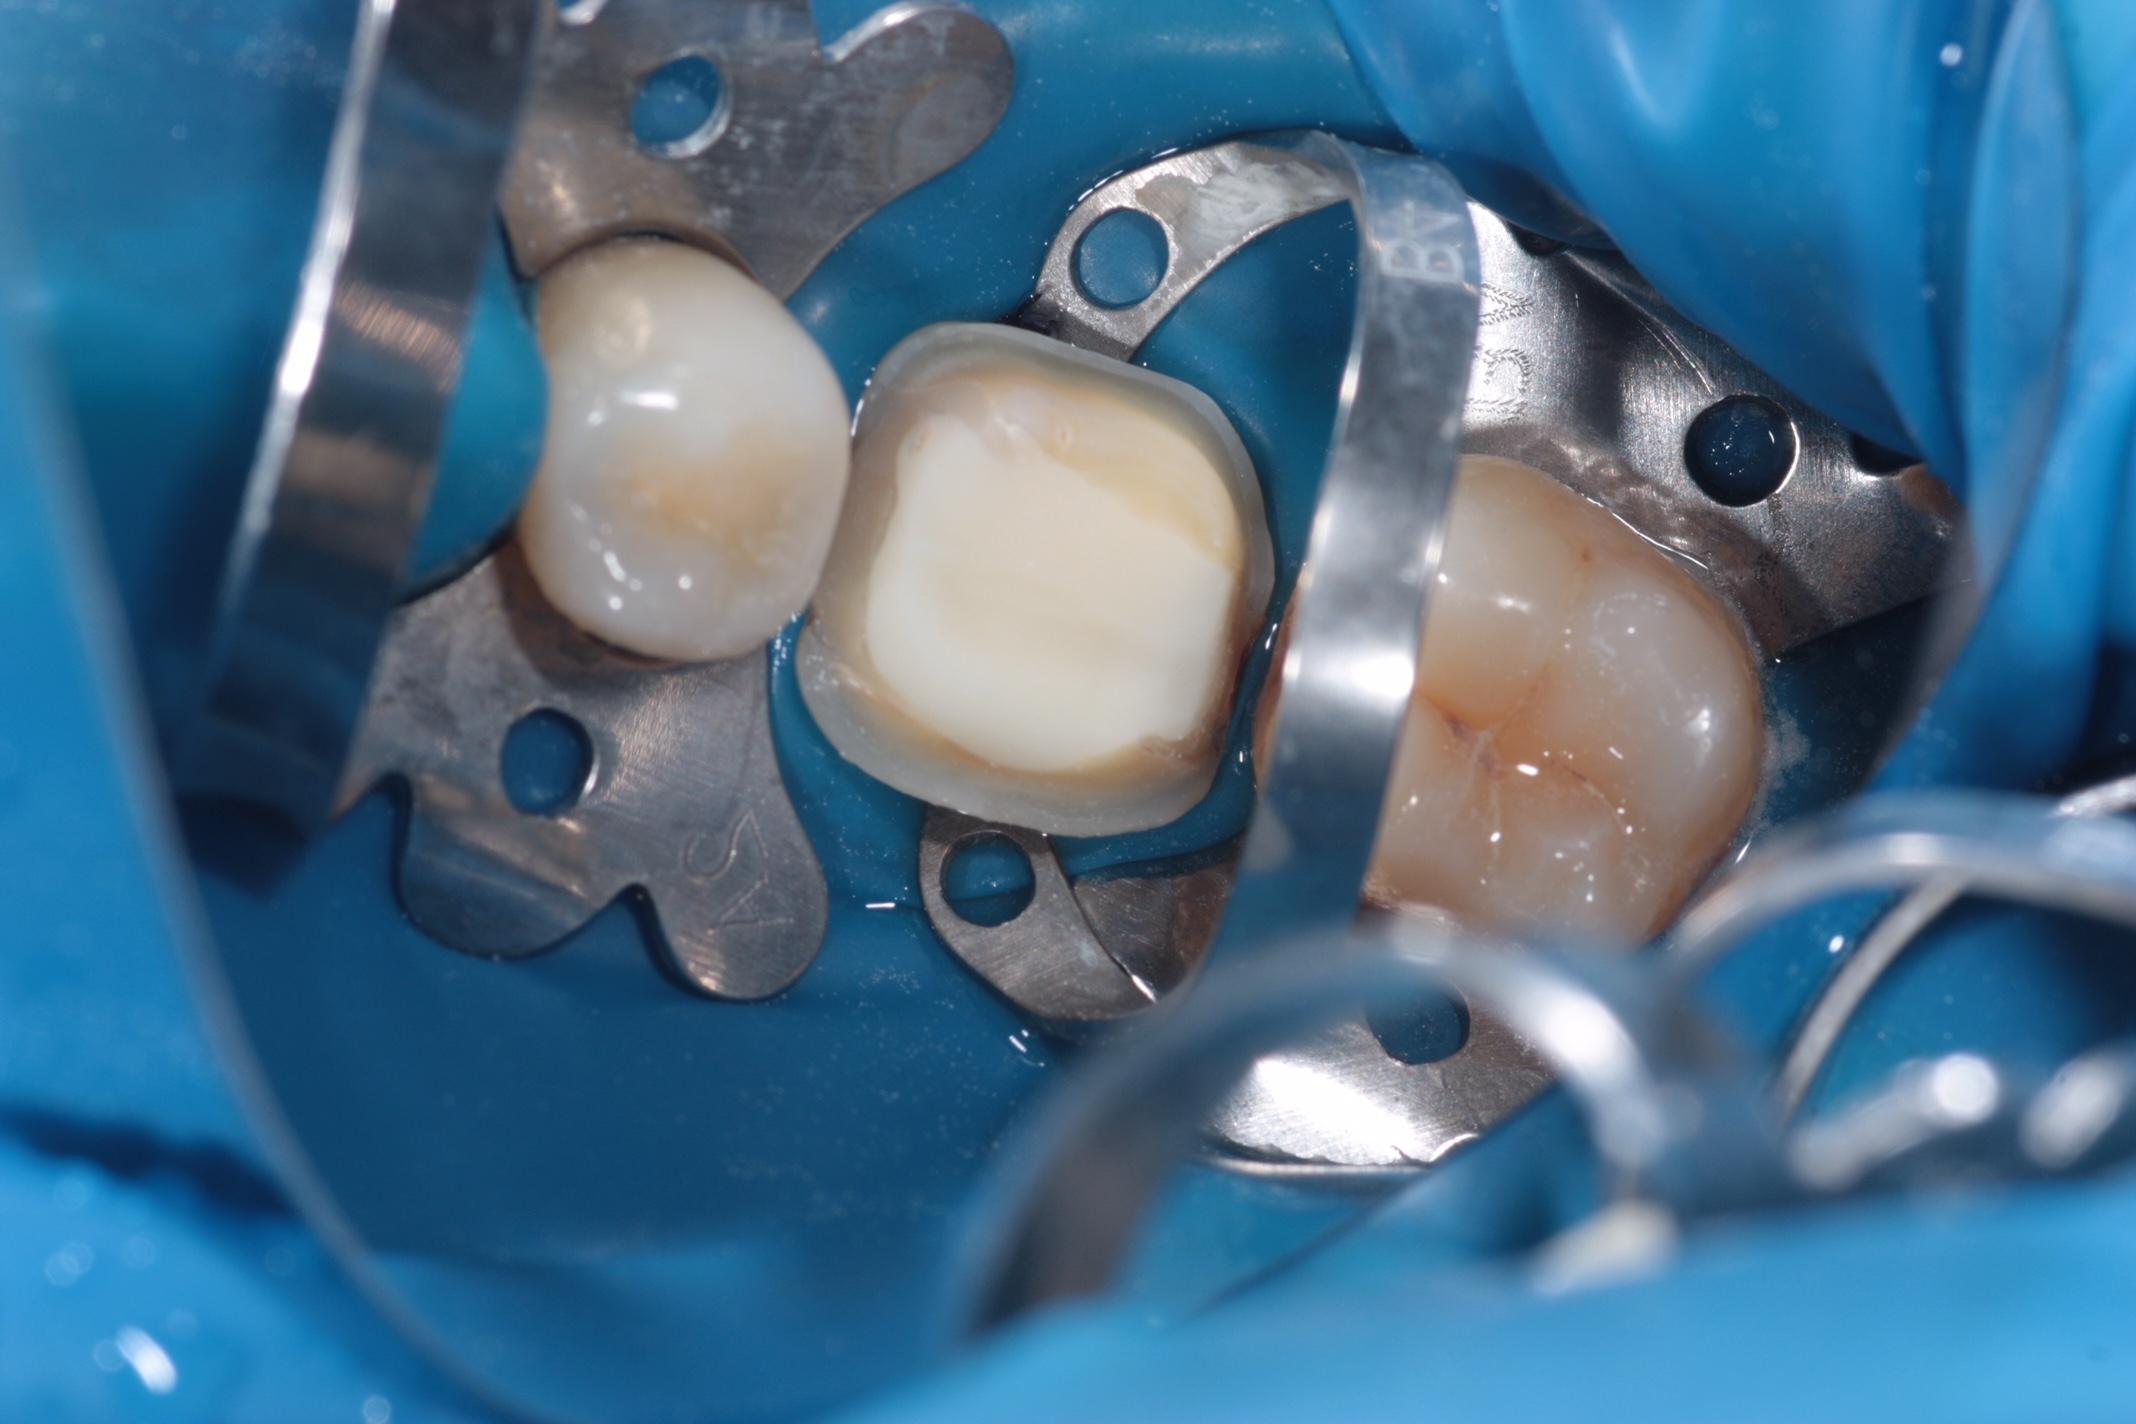 Коффердам: что это такое, и как применяется в стоматологии